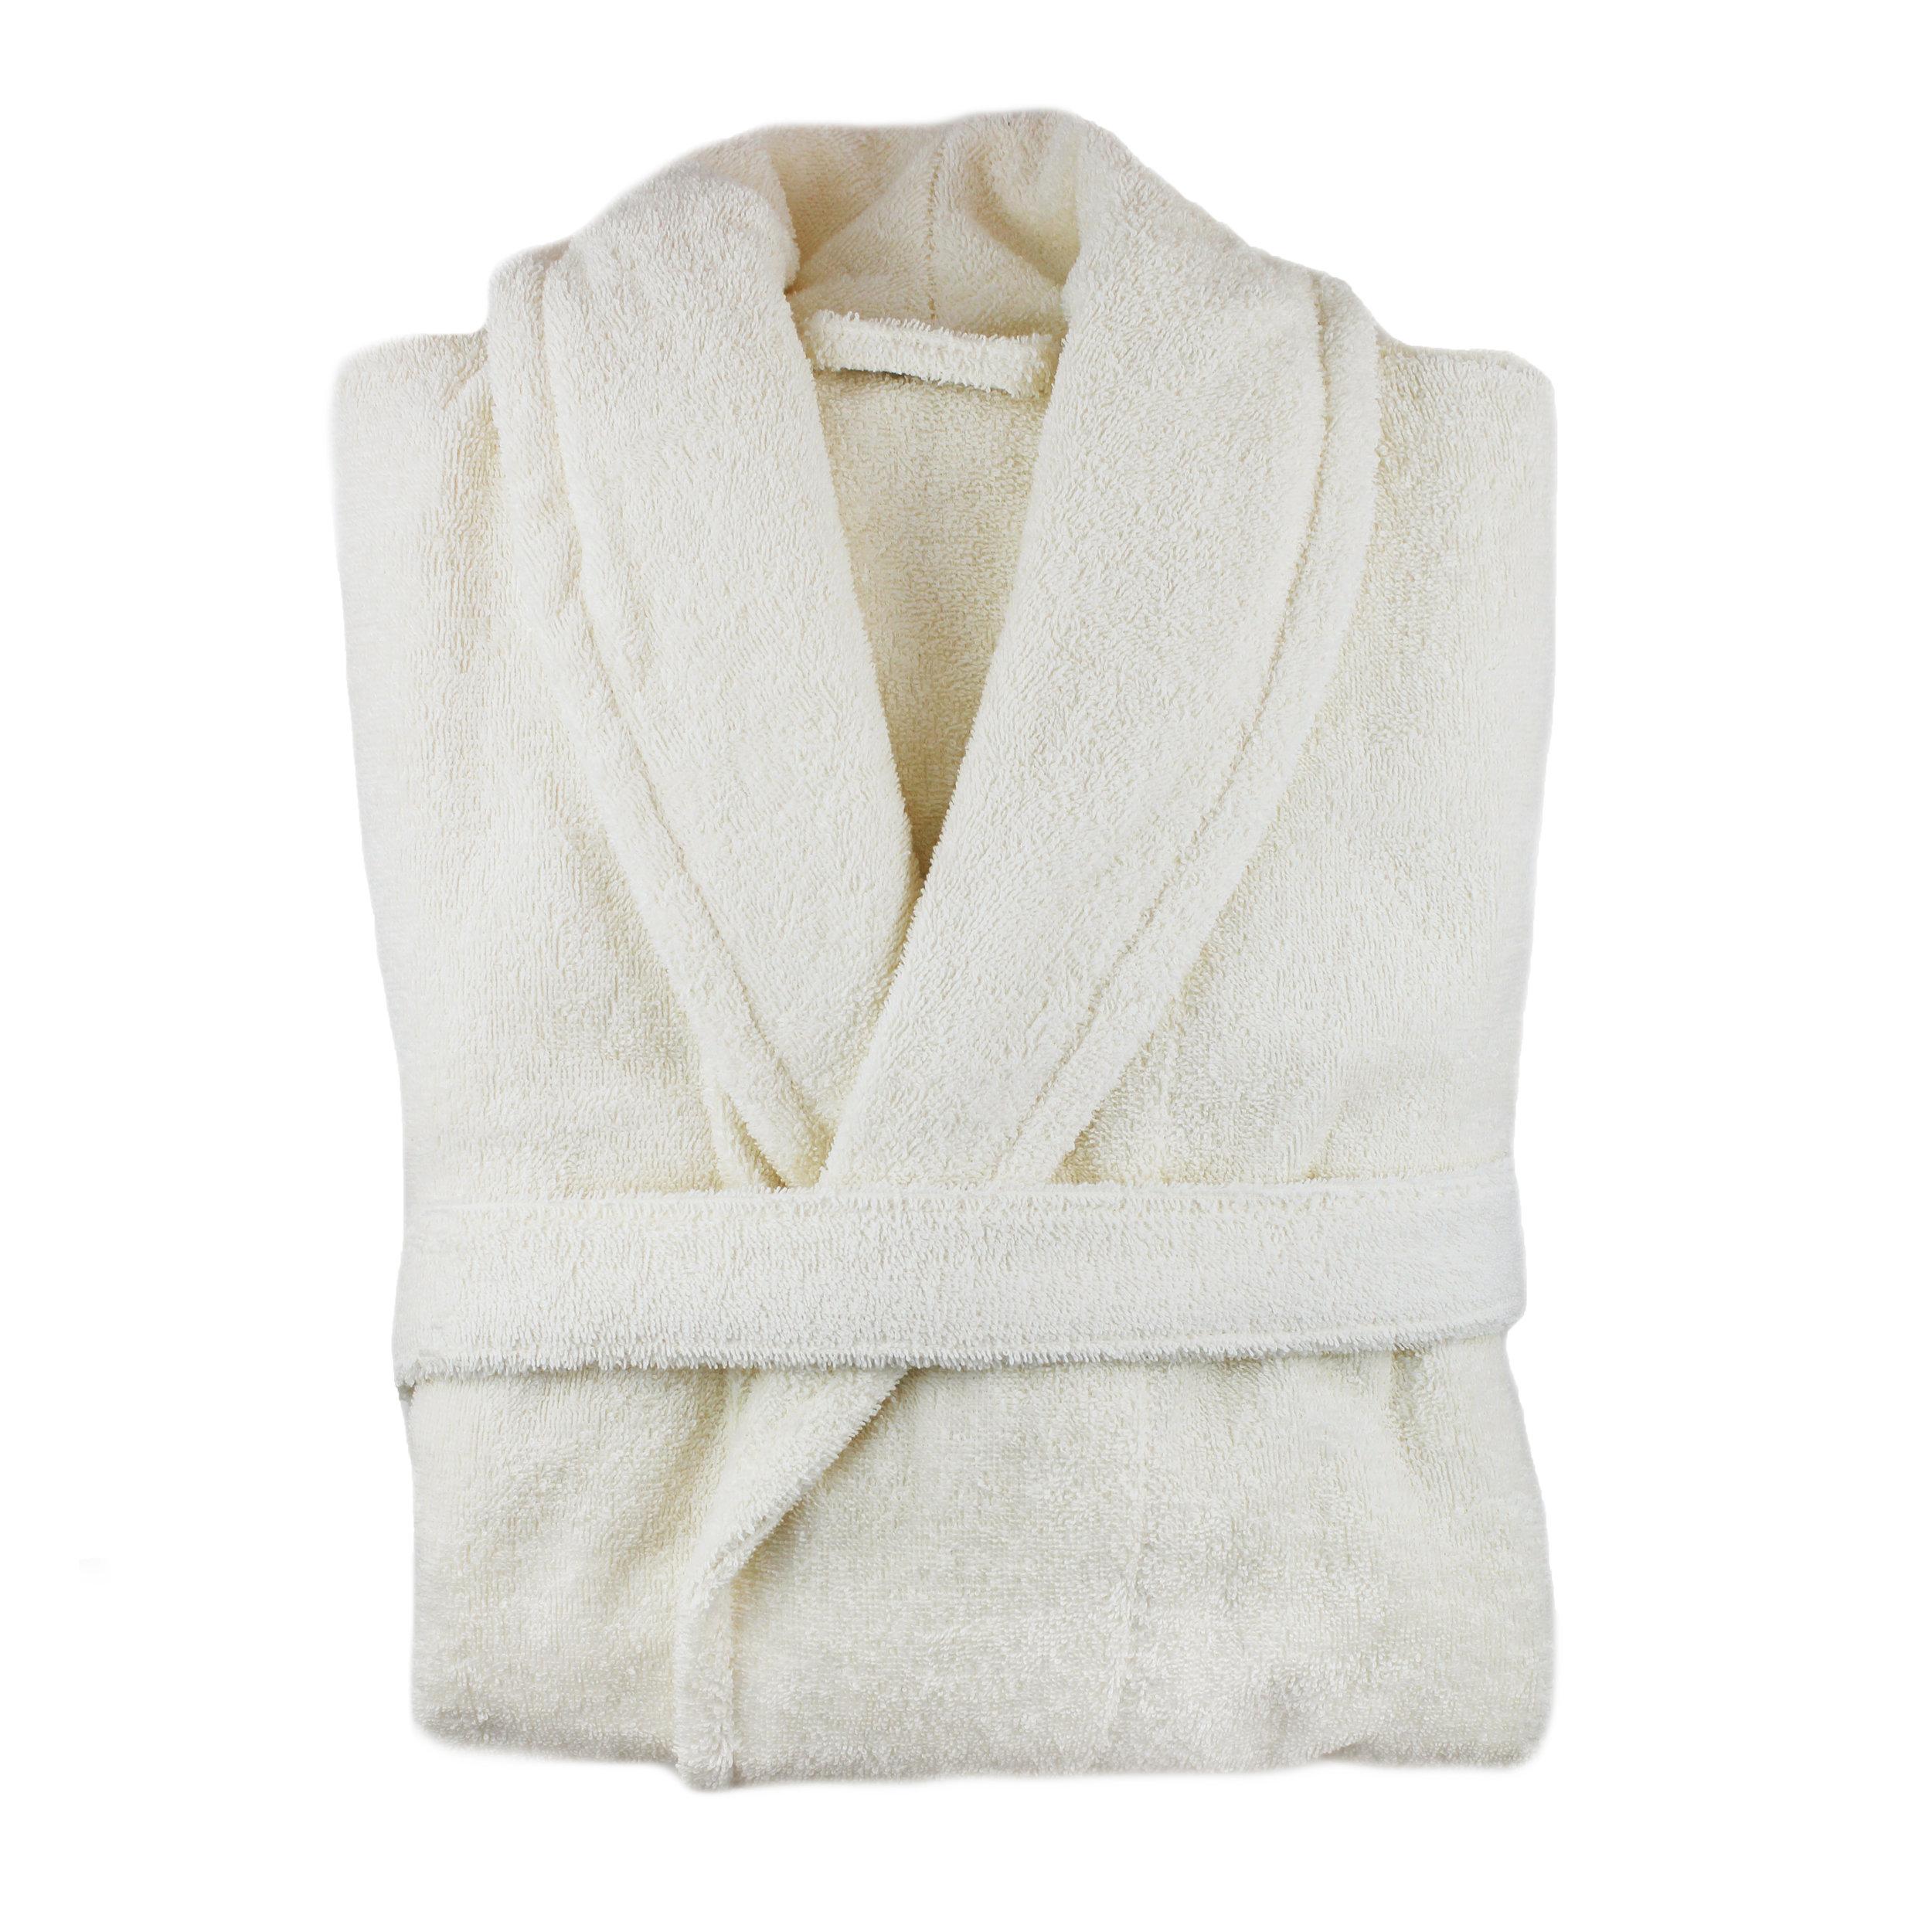 192939 100% Turkish Cotton Bath Robe_ ivory.jpg